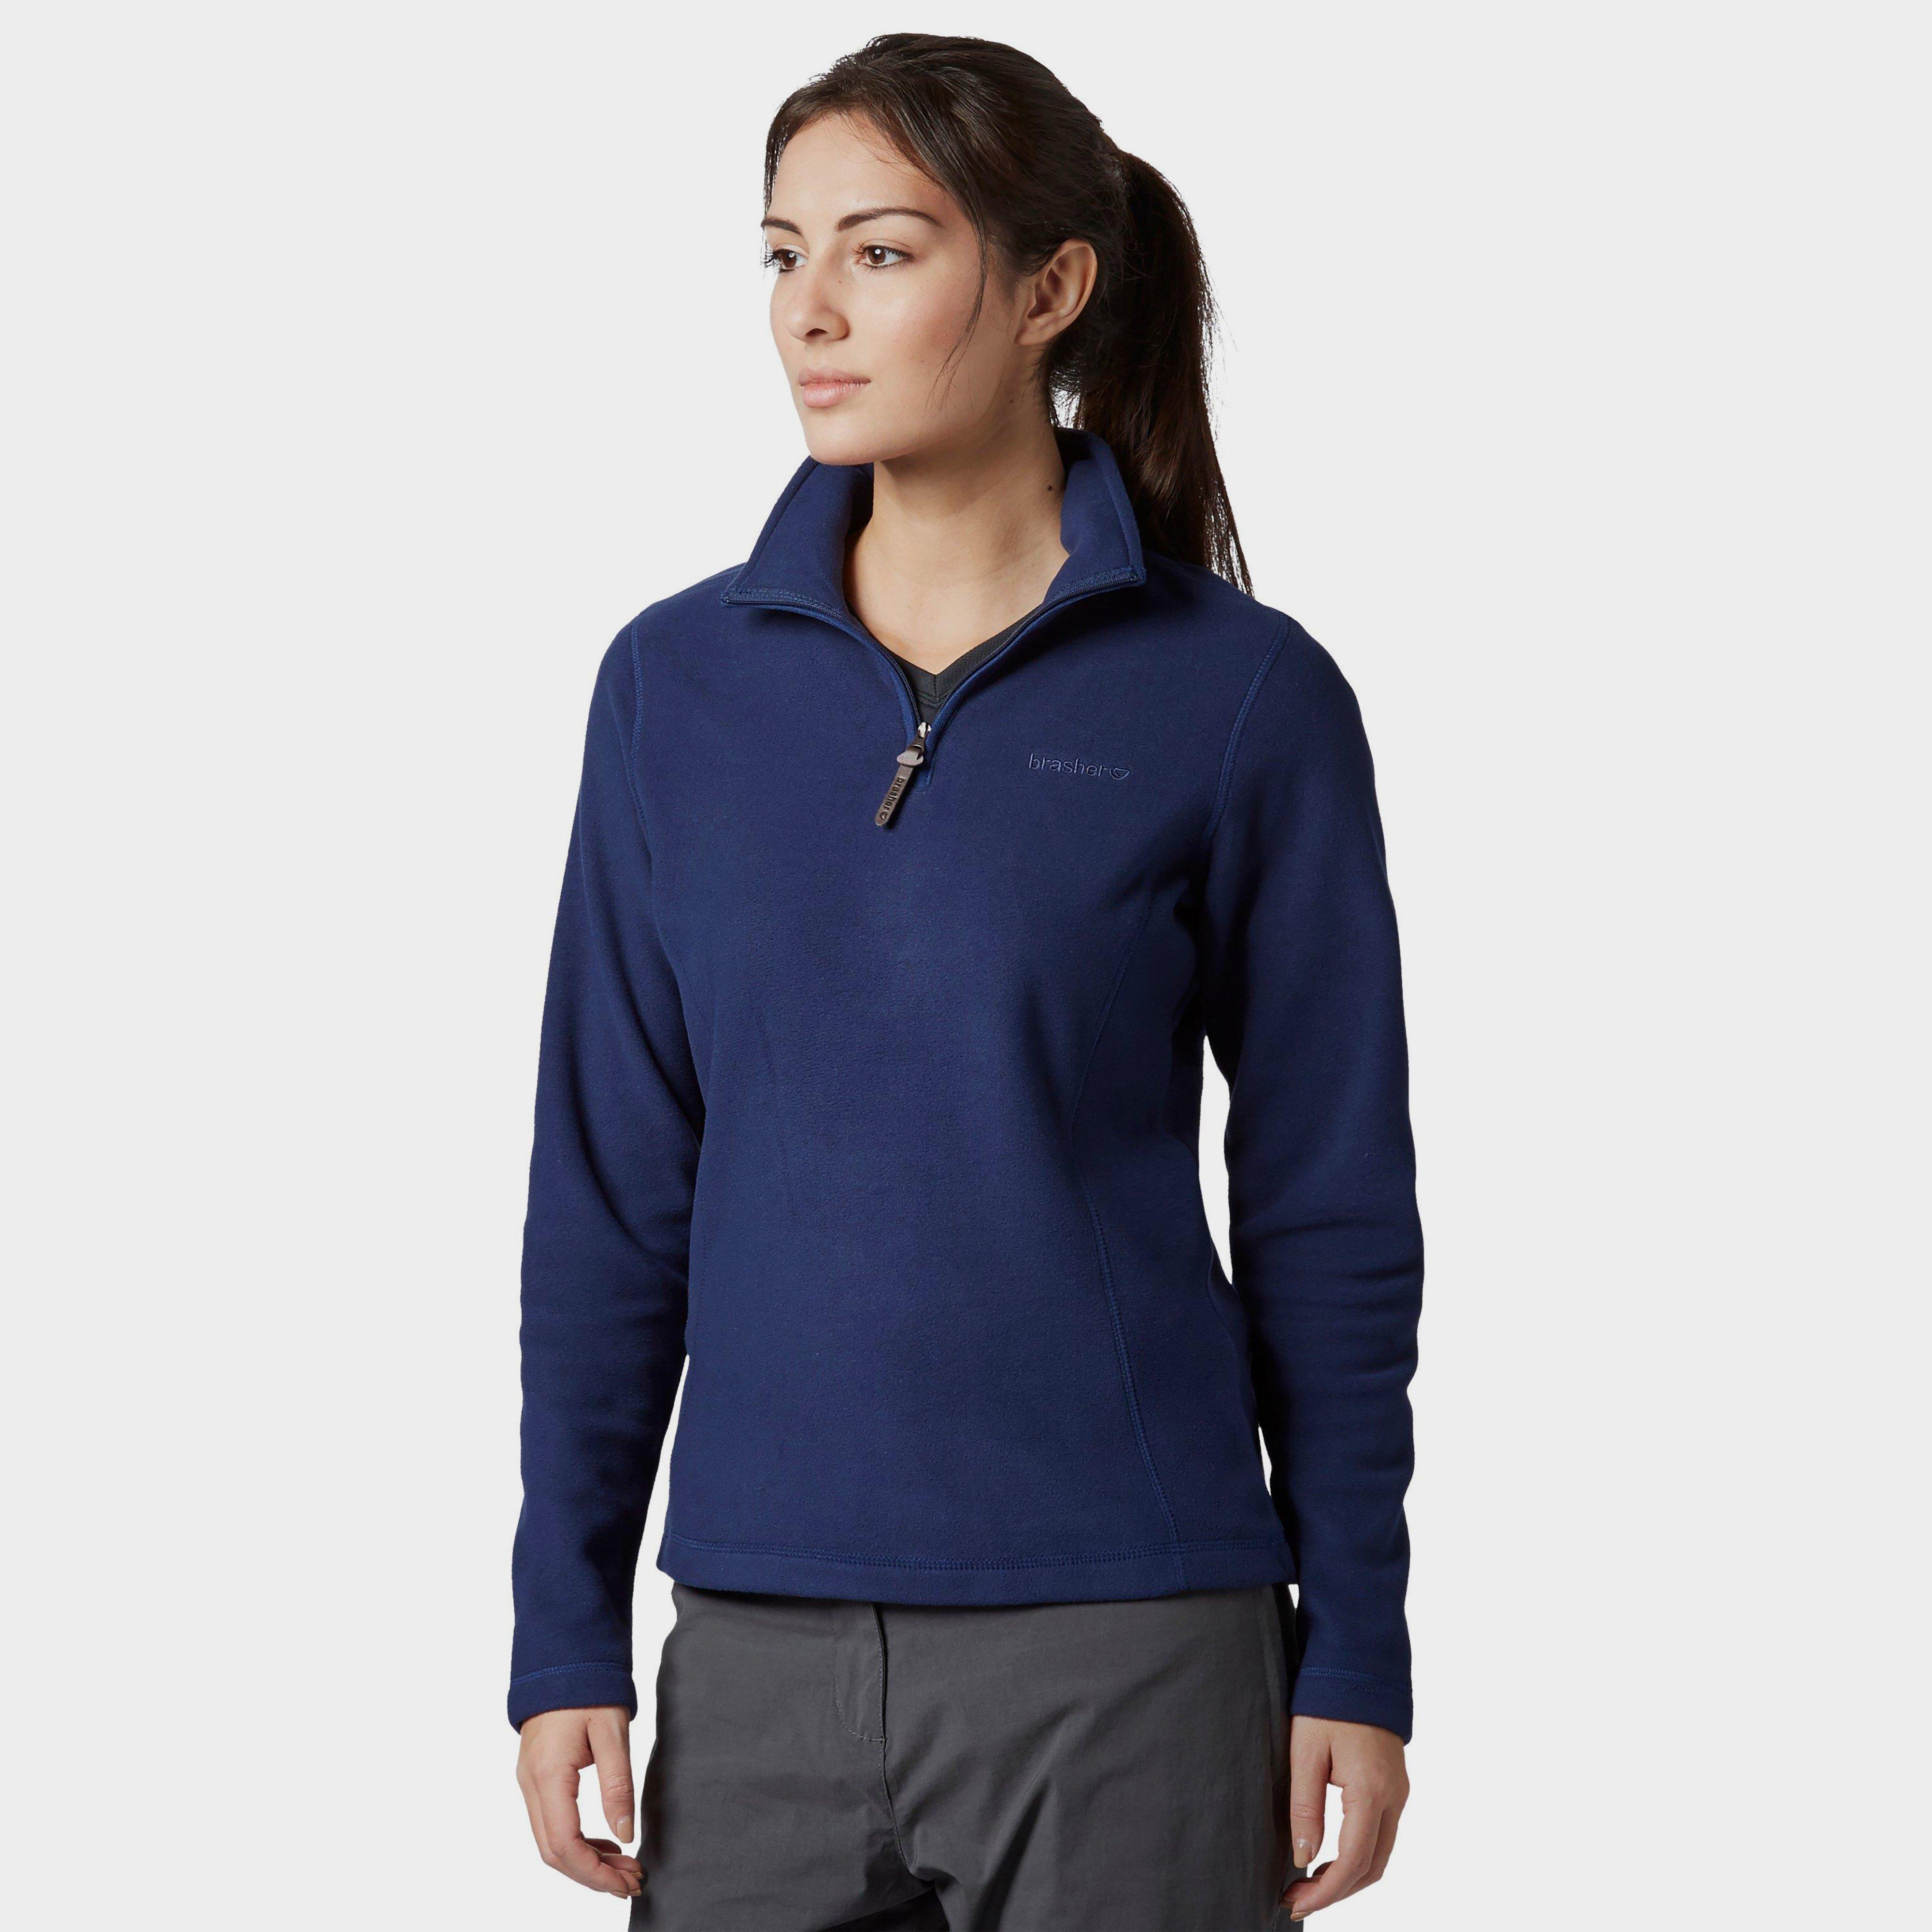 Brasher Women's Bleaberry Half Zip Fleece, Navy